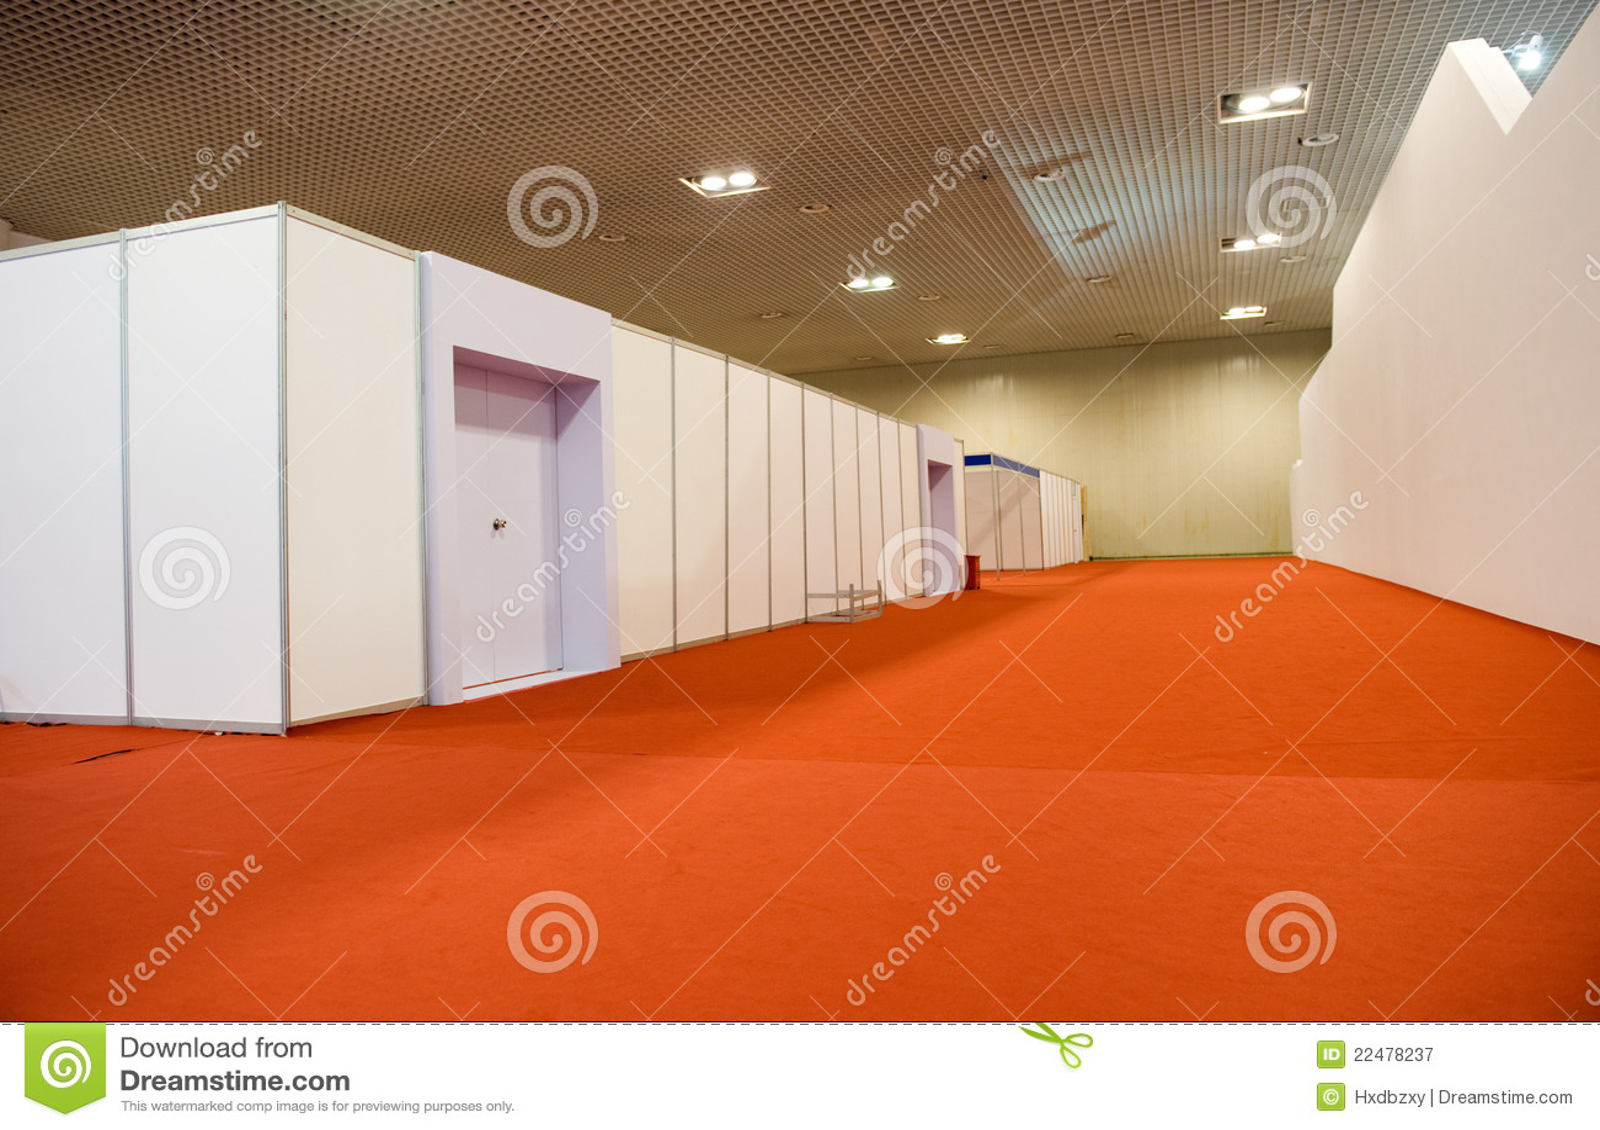 Fußbodenbelag Im Flur ~ Langer flur stockbild bild von fußboden bodenbelag